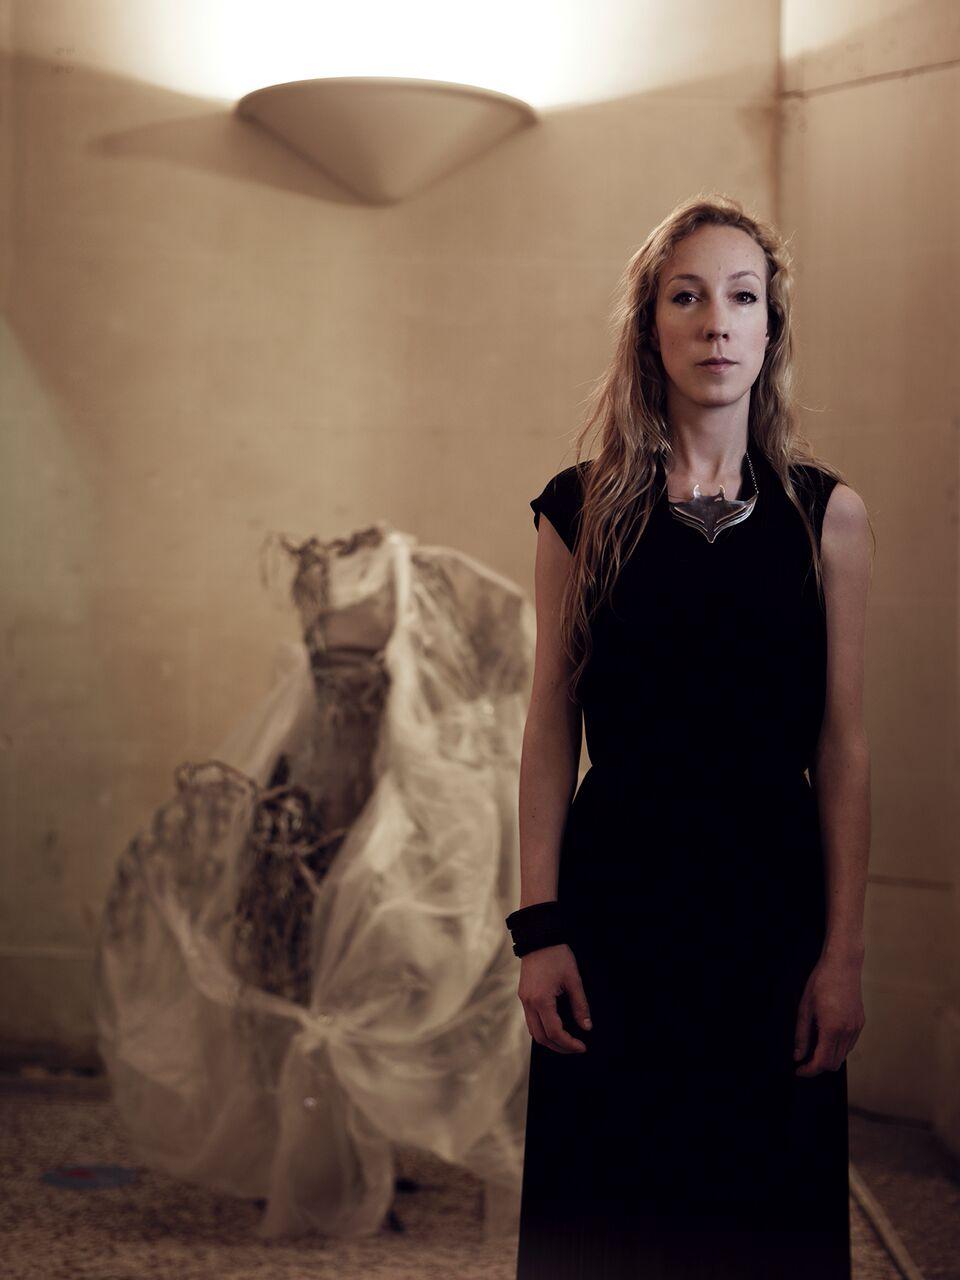 Iris van Herpen (b. 1984), Photo courtesy of Jean Baptiste Mondino and Iris van Herpen,